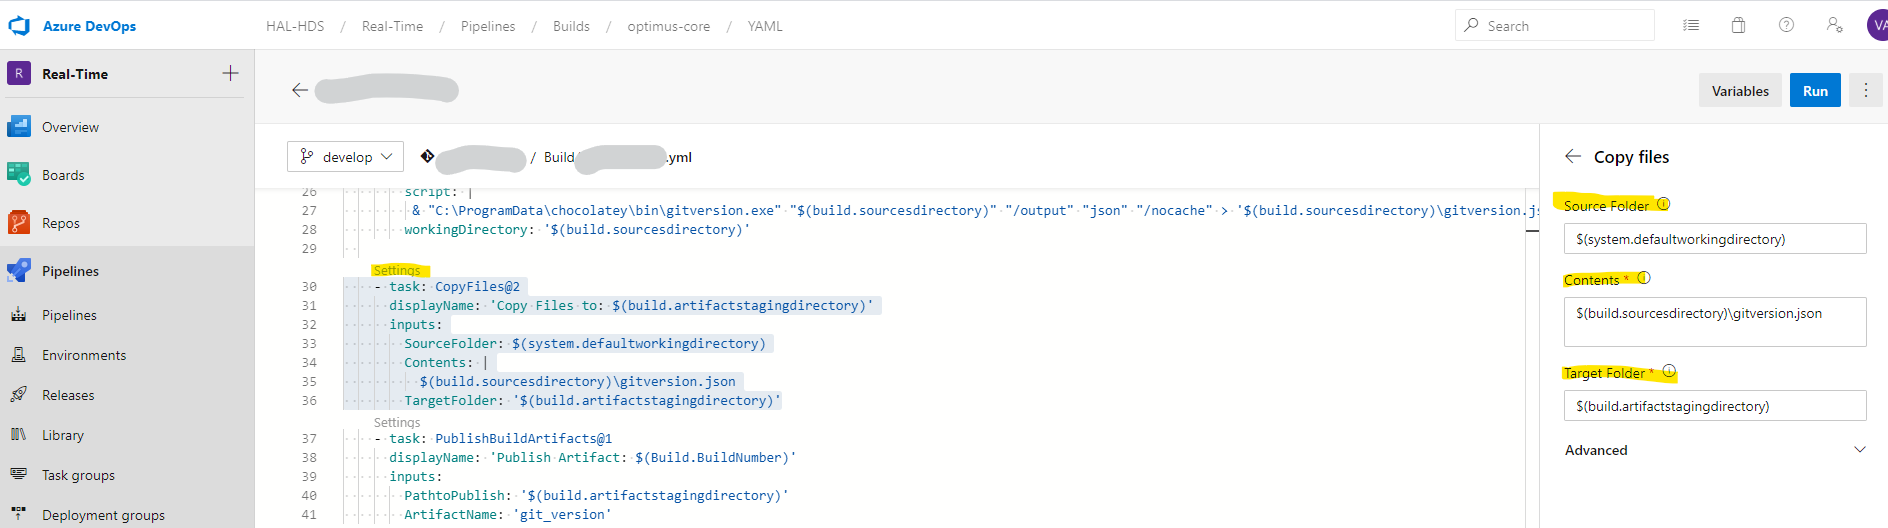 Использование переменных в пайплайнах Azure DevOps - 1